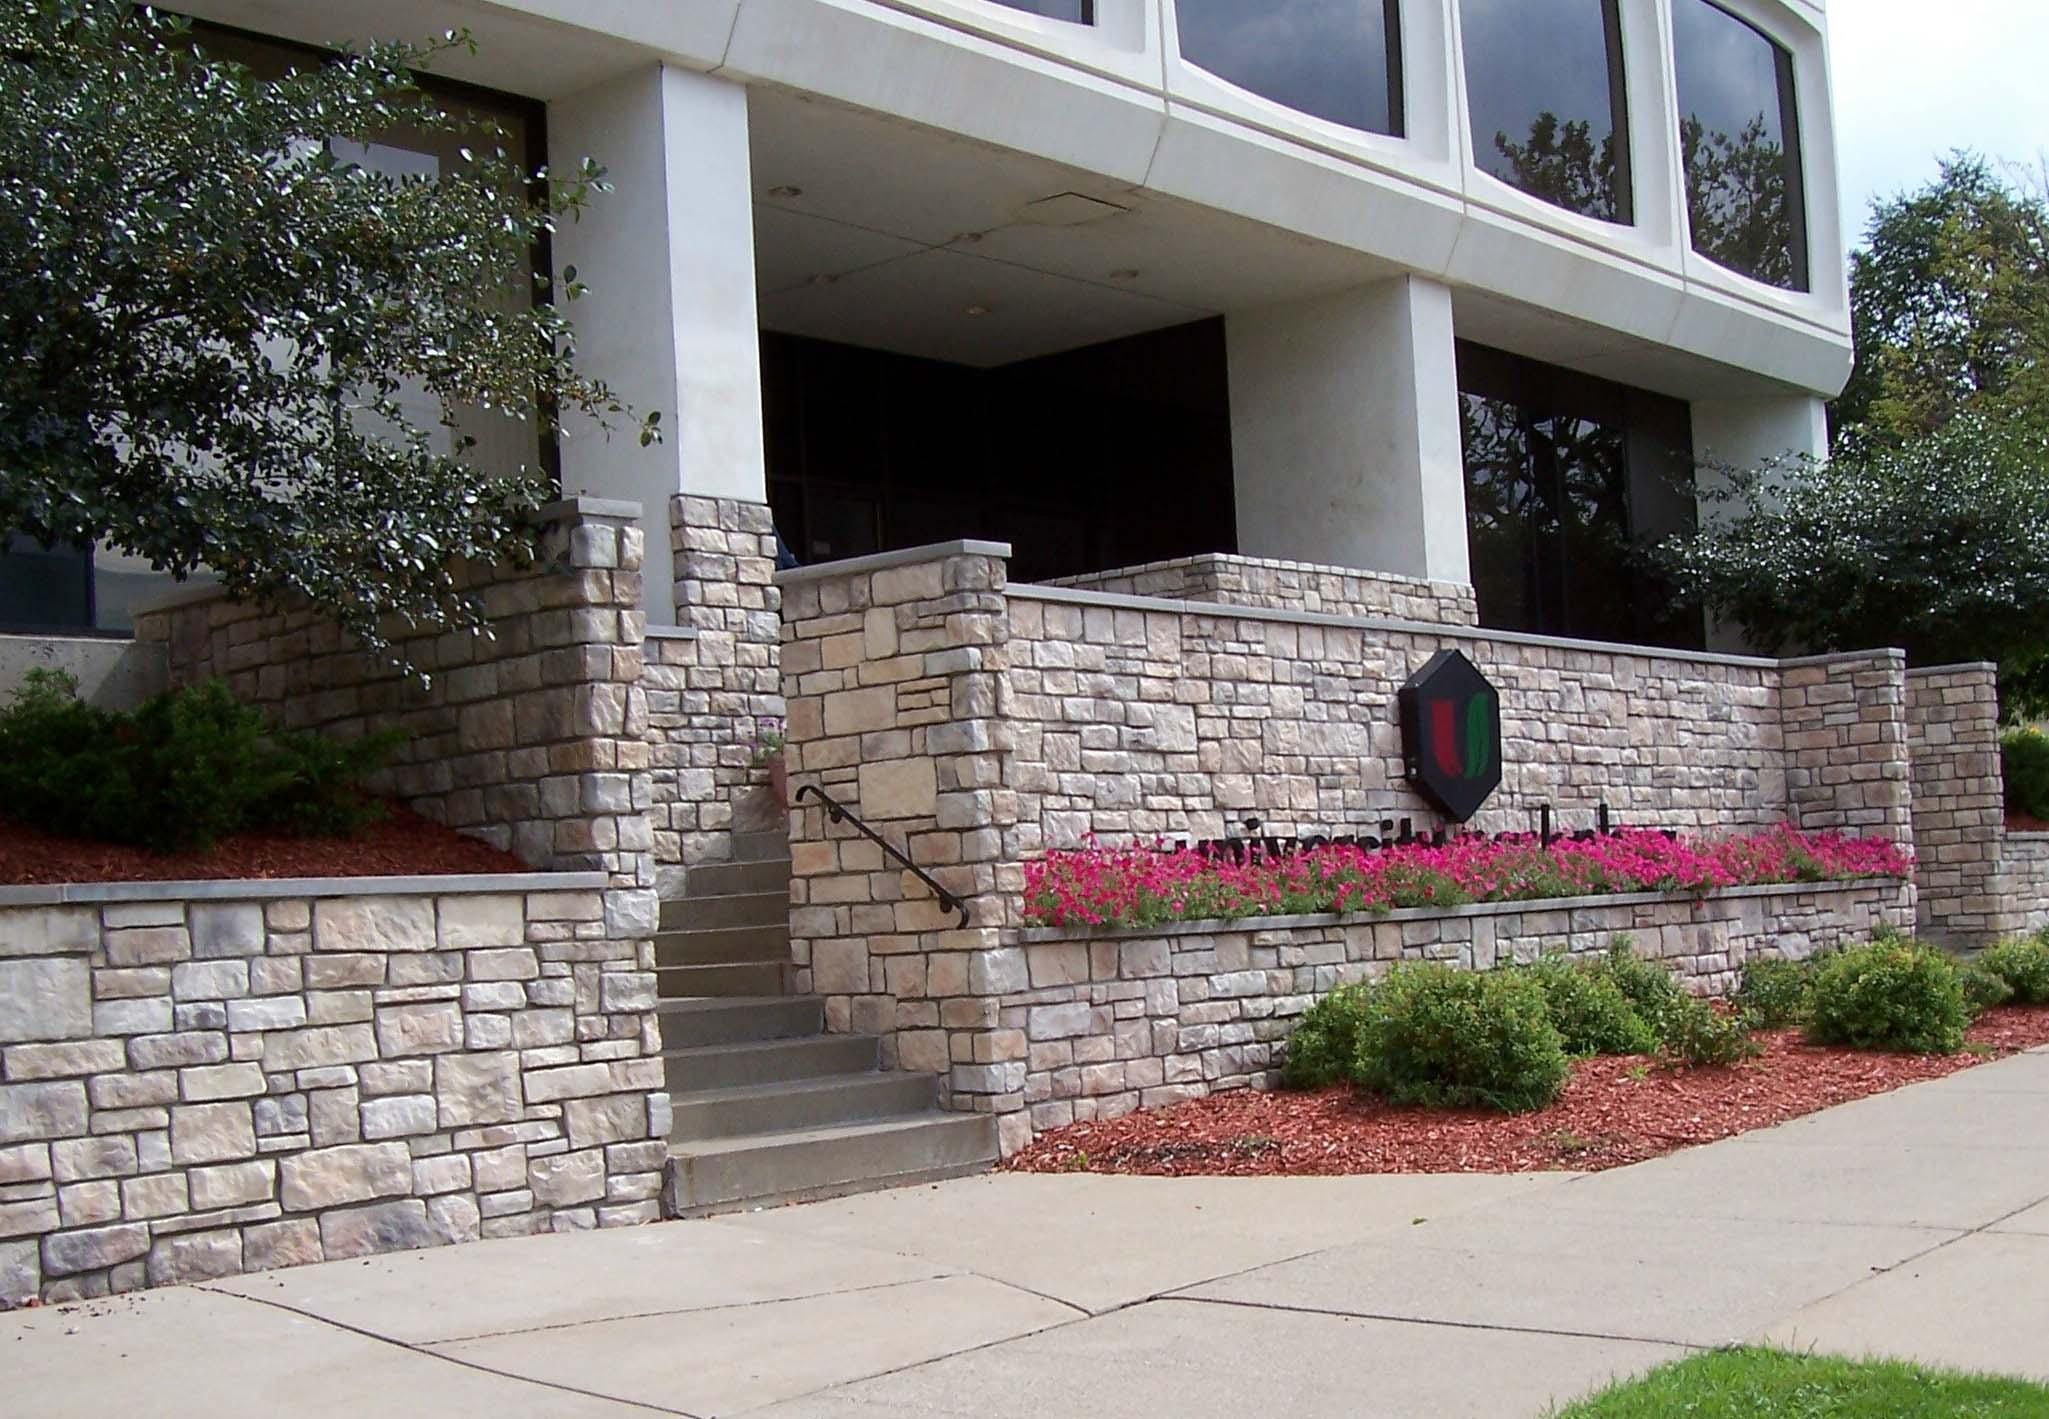 hacket ohio university exterior